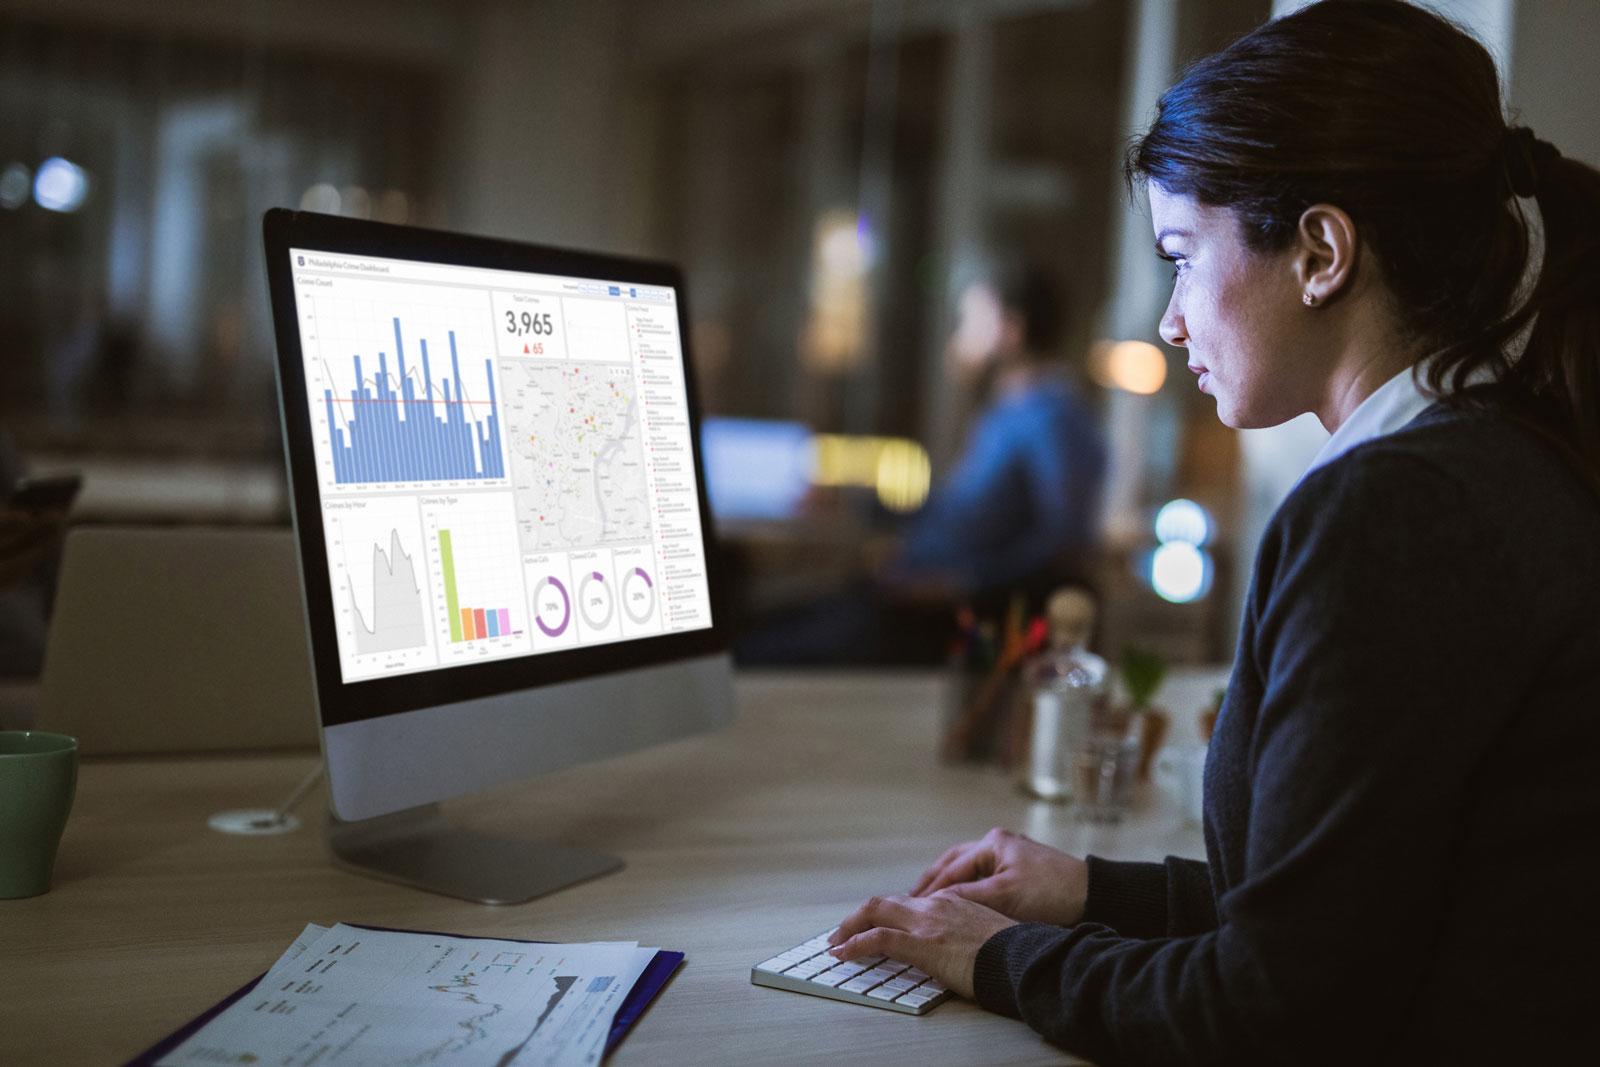 Unternehmensarchitektur: Zusammenspiel von Geschäftsprozessen und Informationstechnik